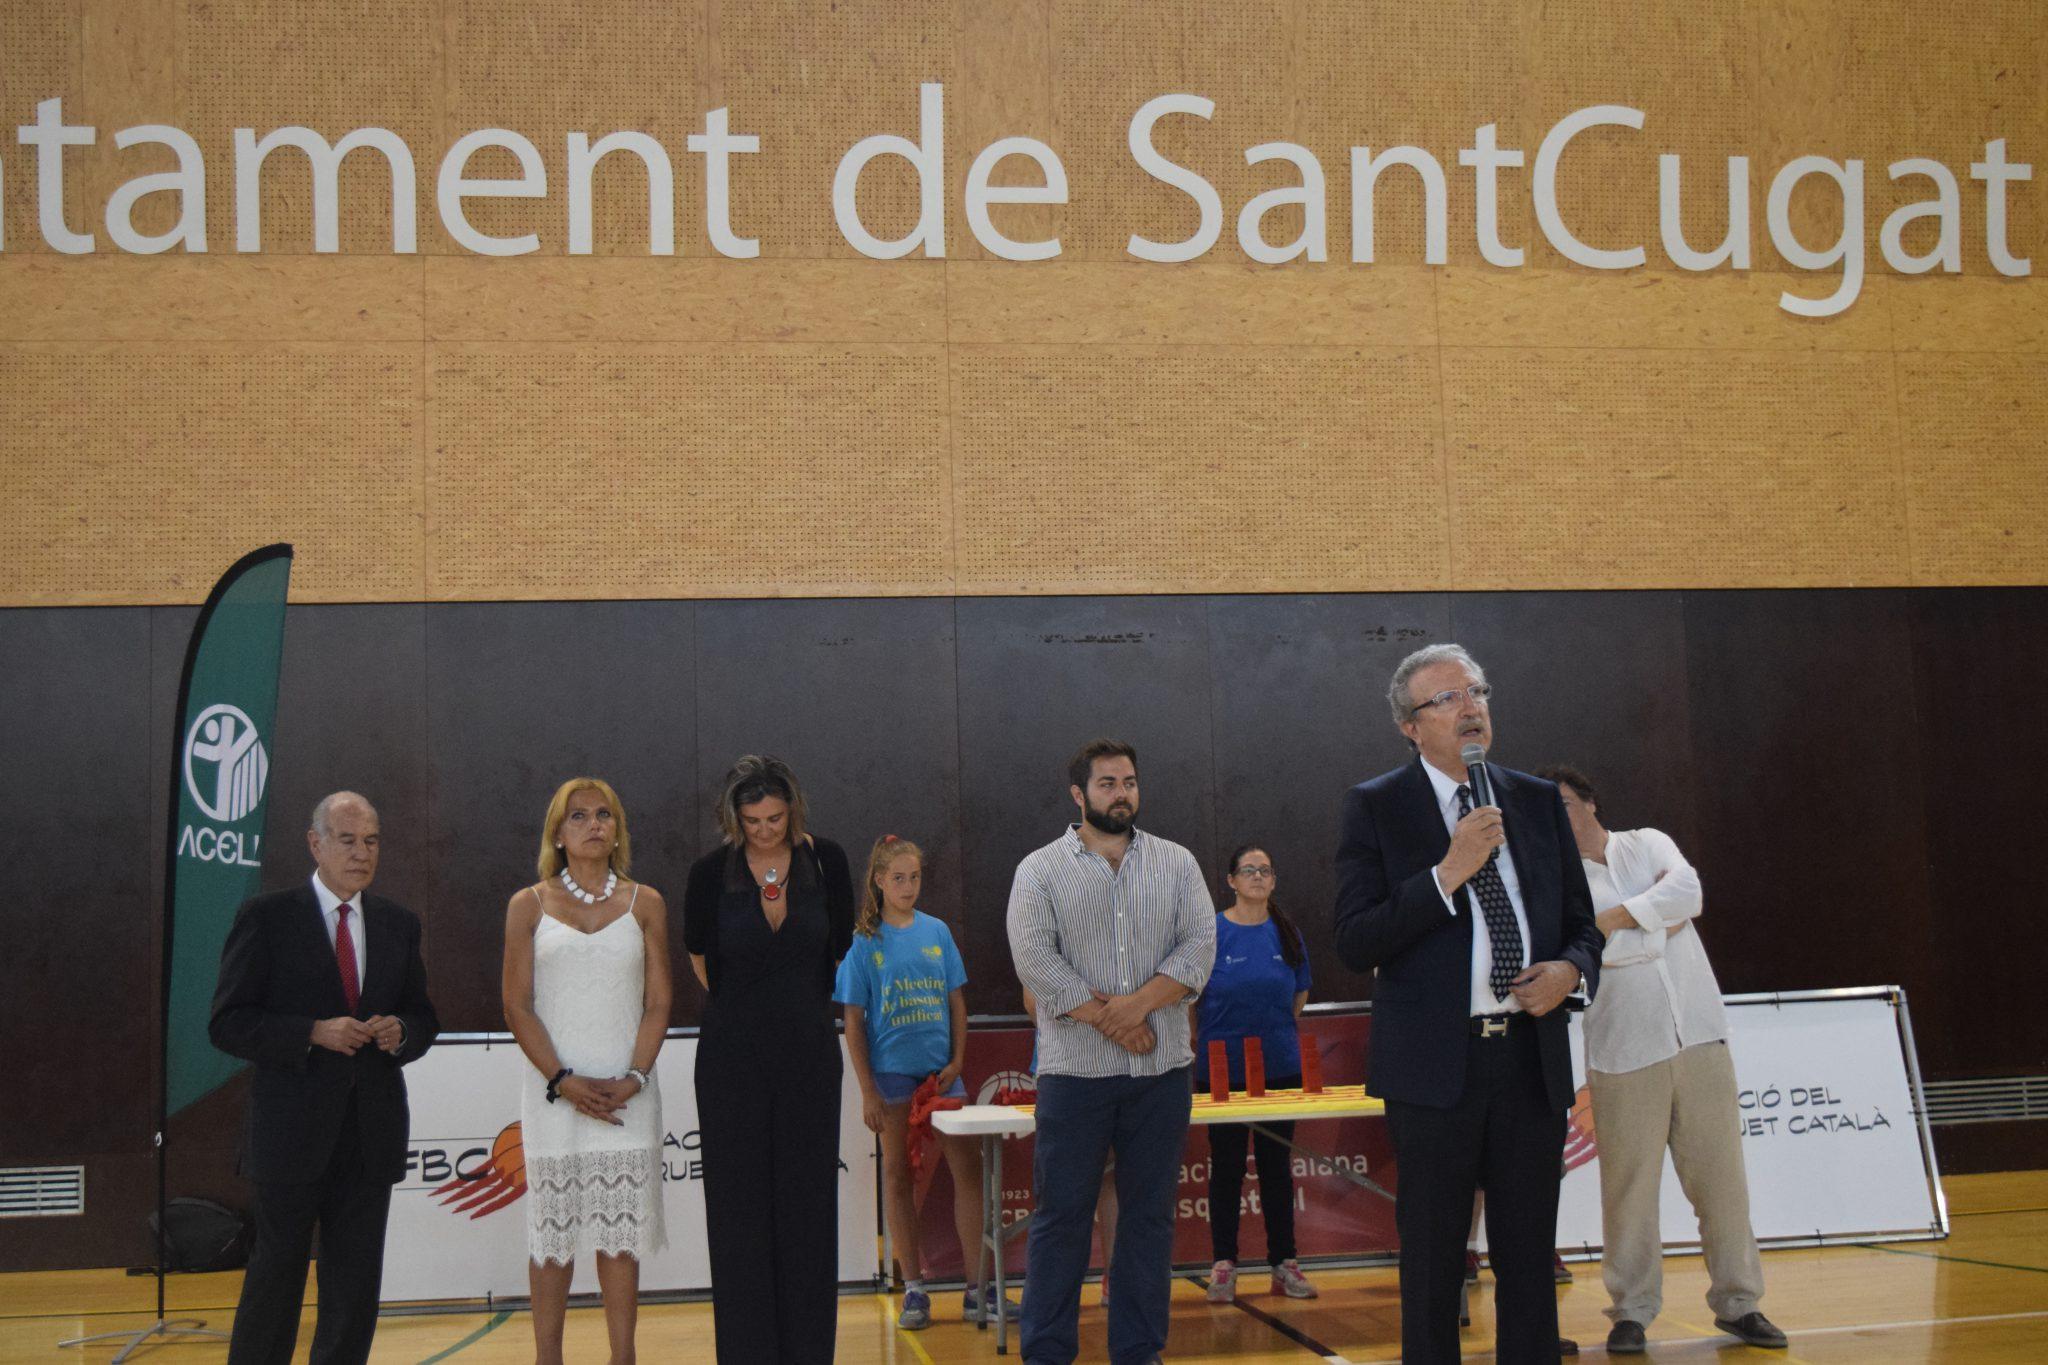 Joan Fa anunci Ciutat Bàsquet Català 2017 Sant Cugat